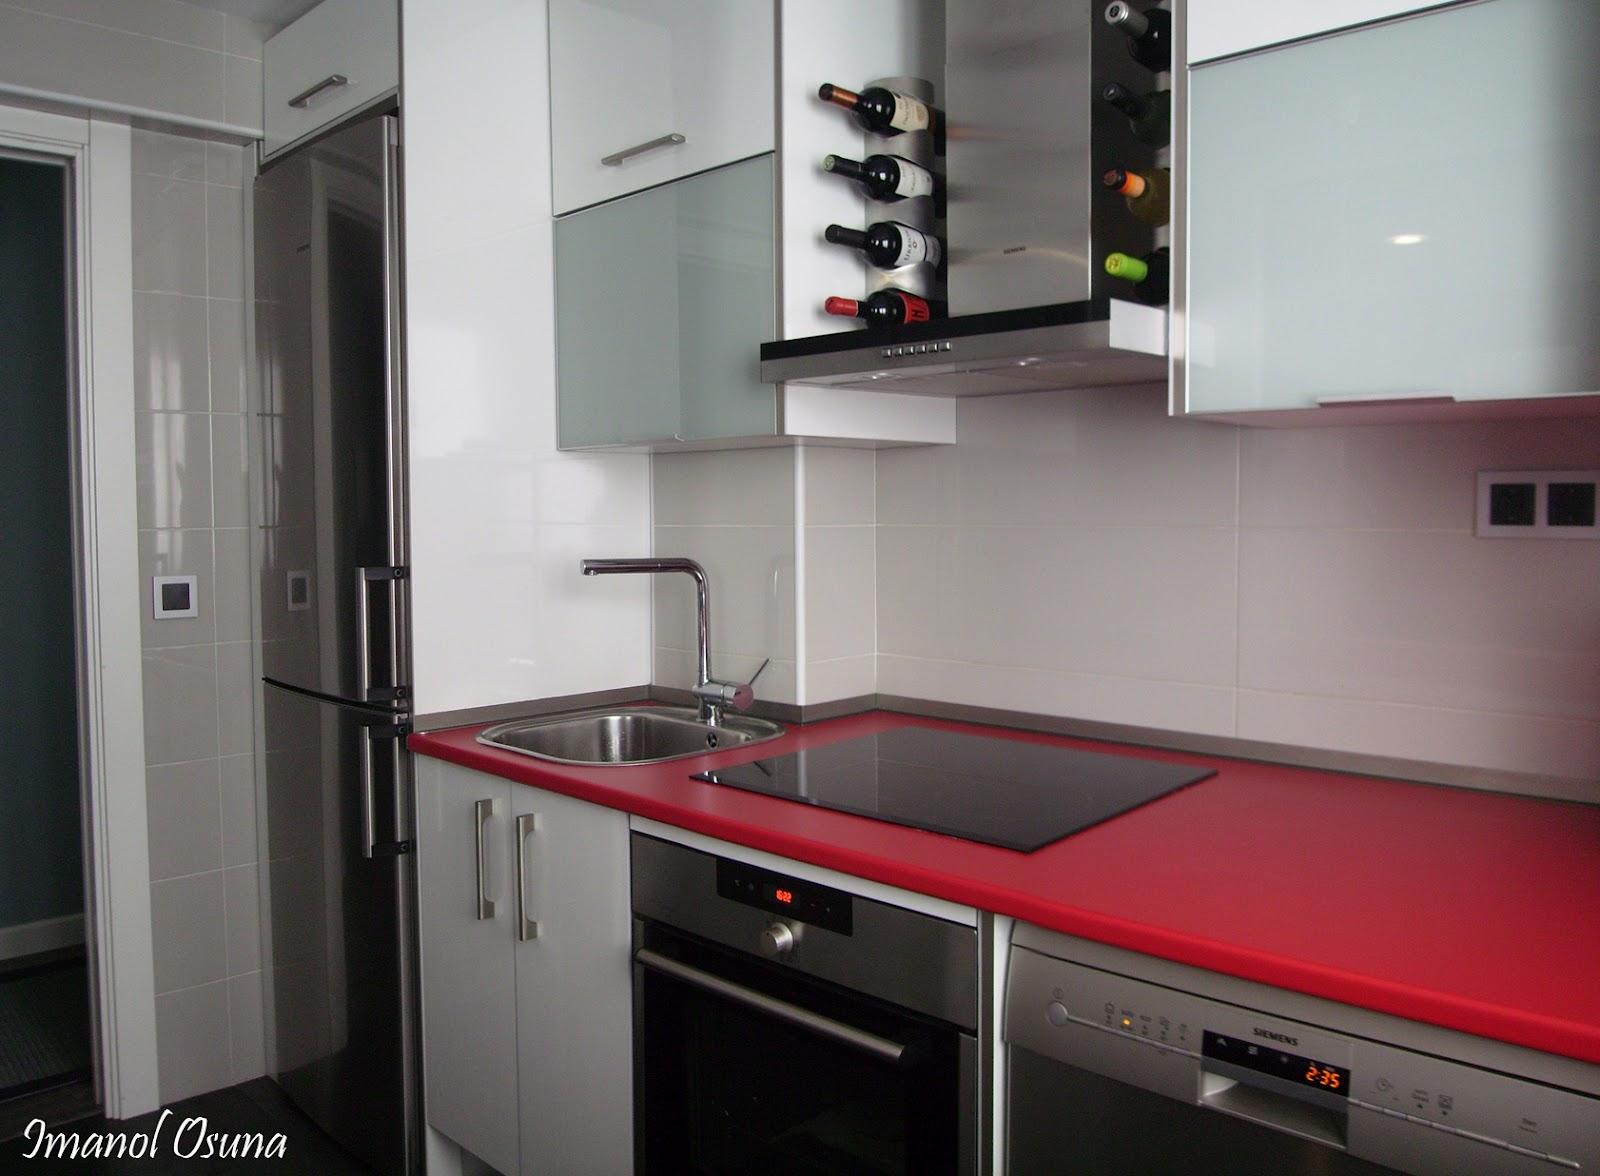 Imanol osuna septiembre 2012 for Cocinas en linea